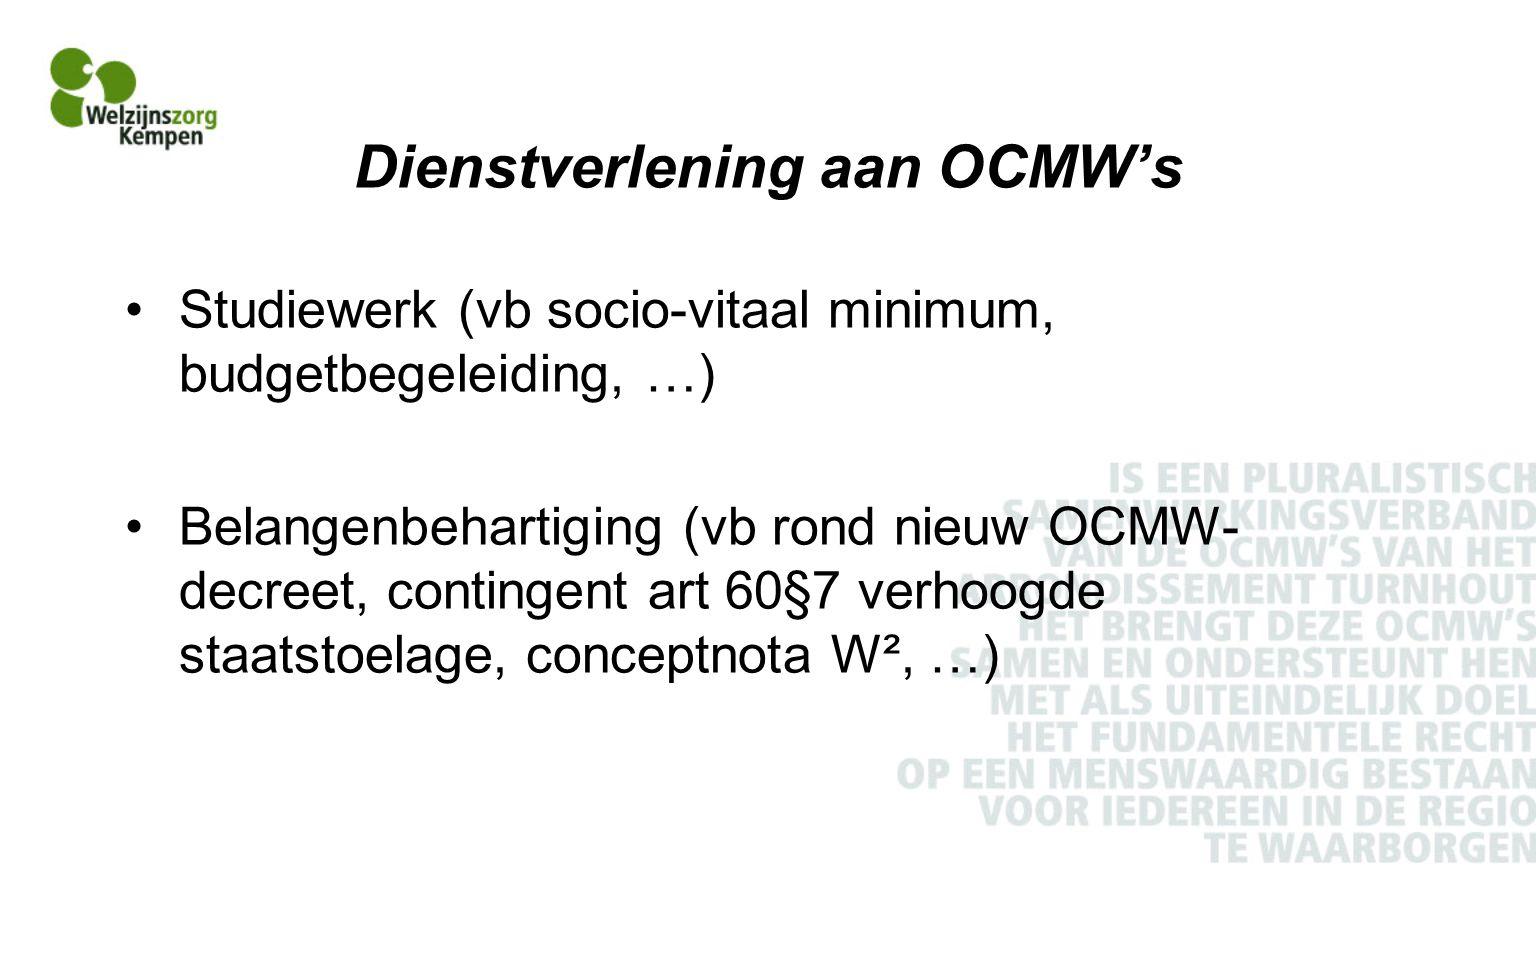 Dienstverlening aan OCMW's